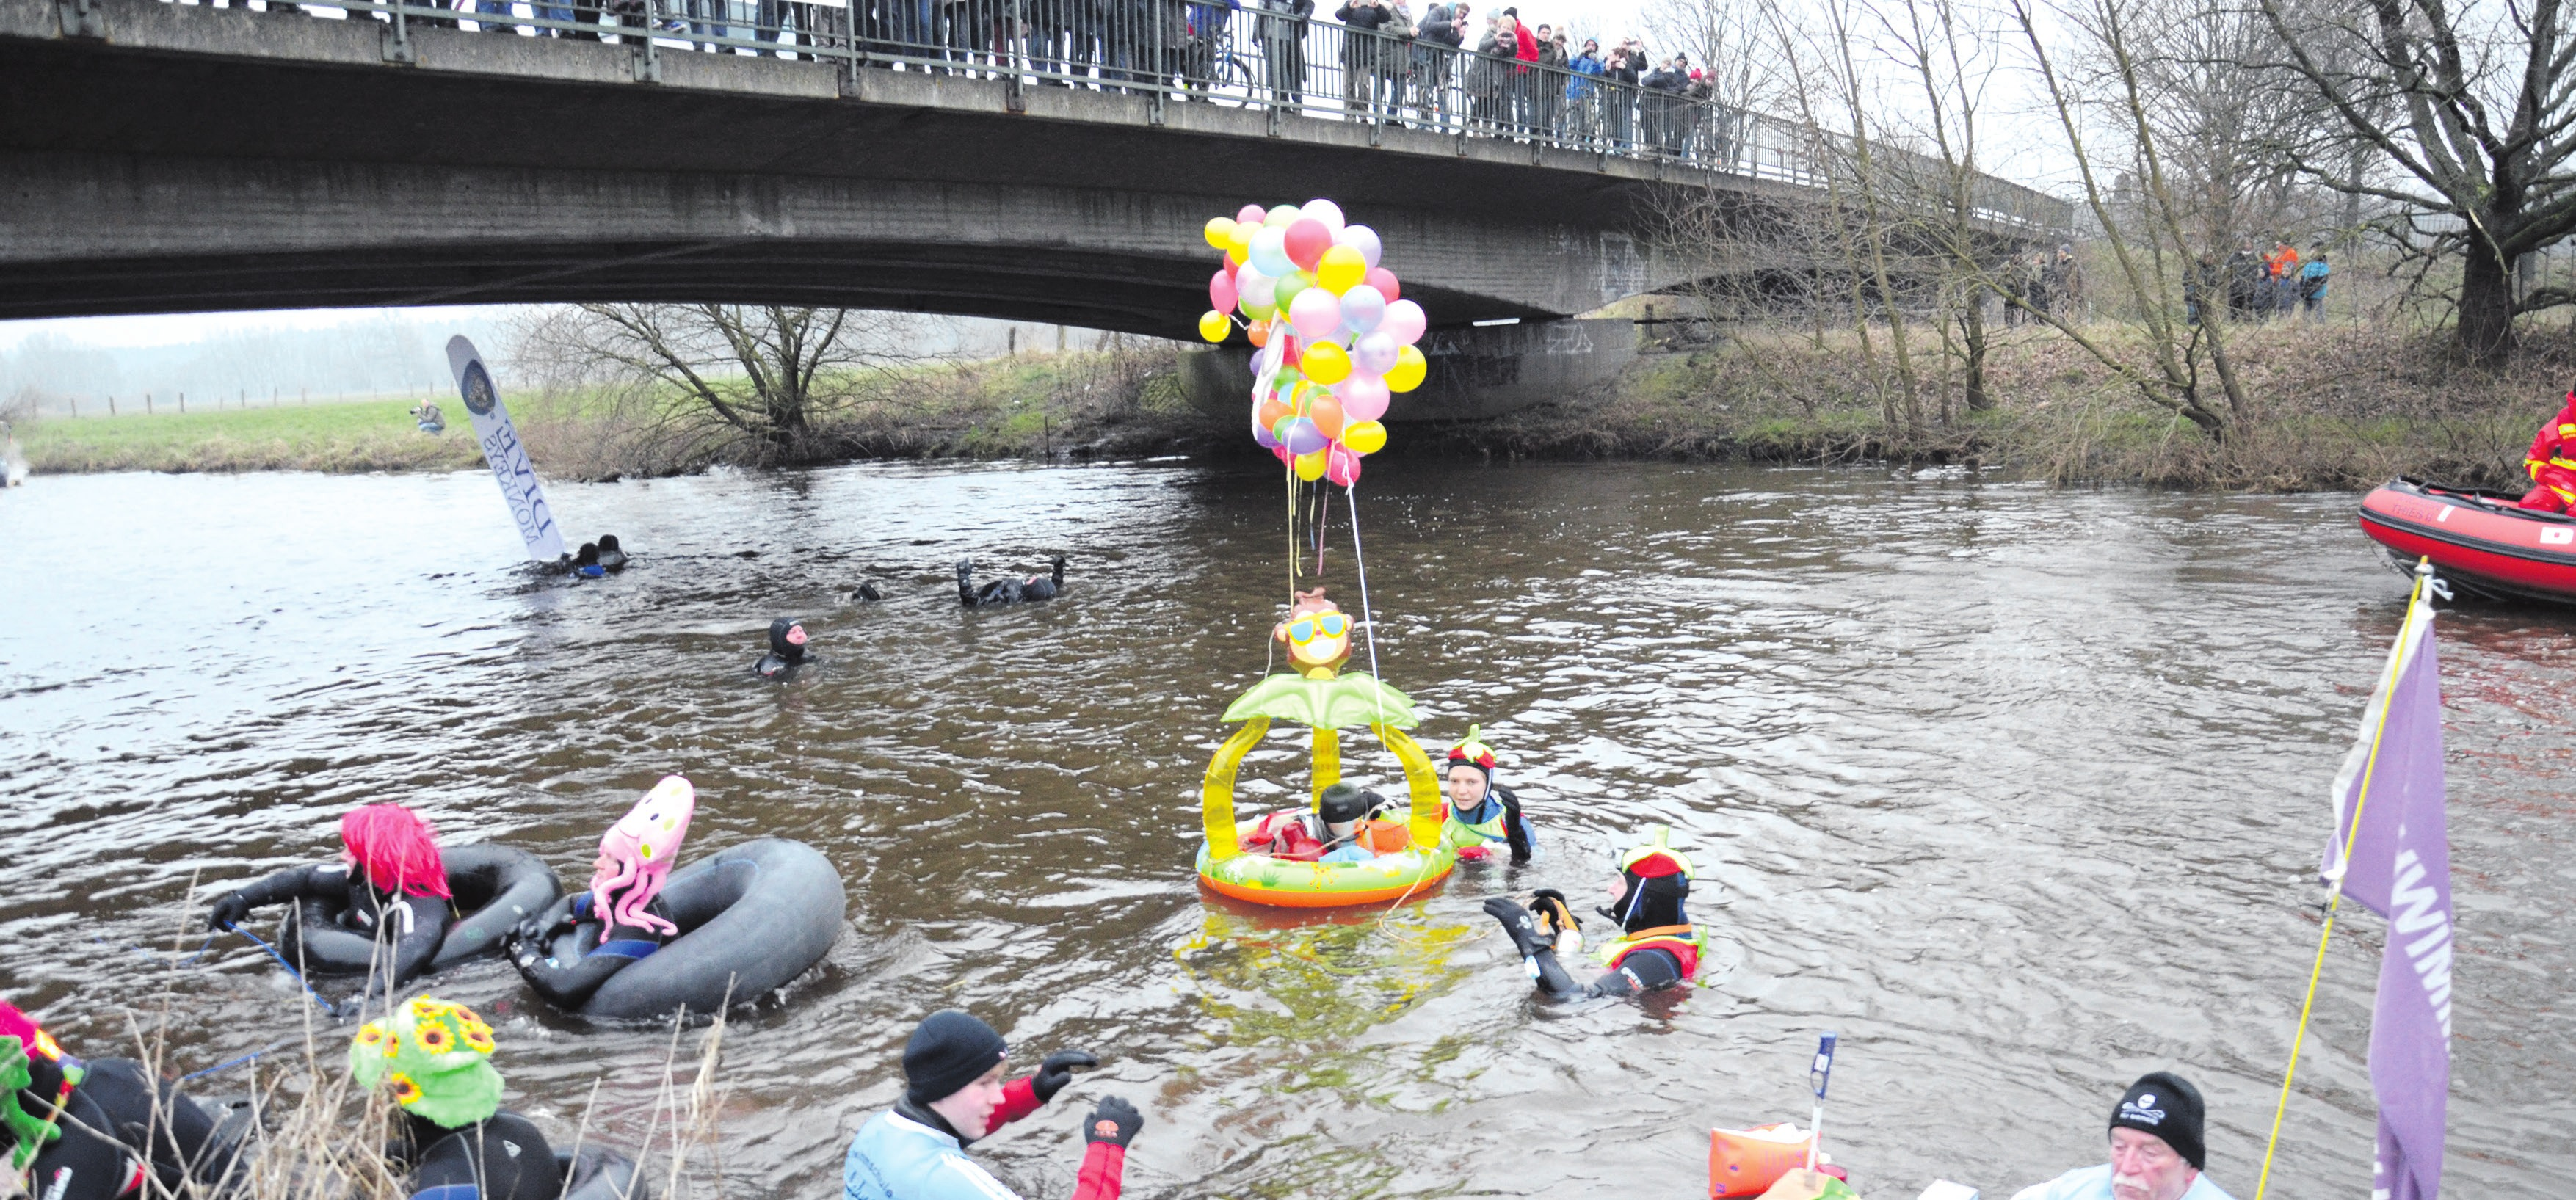 Rund 250 Teilnehmerinnen und Teilnehmer starteten beim 50. Aller-Winter-Fackelschwimmen der DLRG in Celle. Archivfotos: Müller (3)/Göpfert (1)